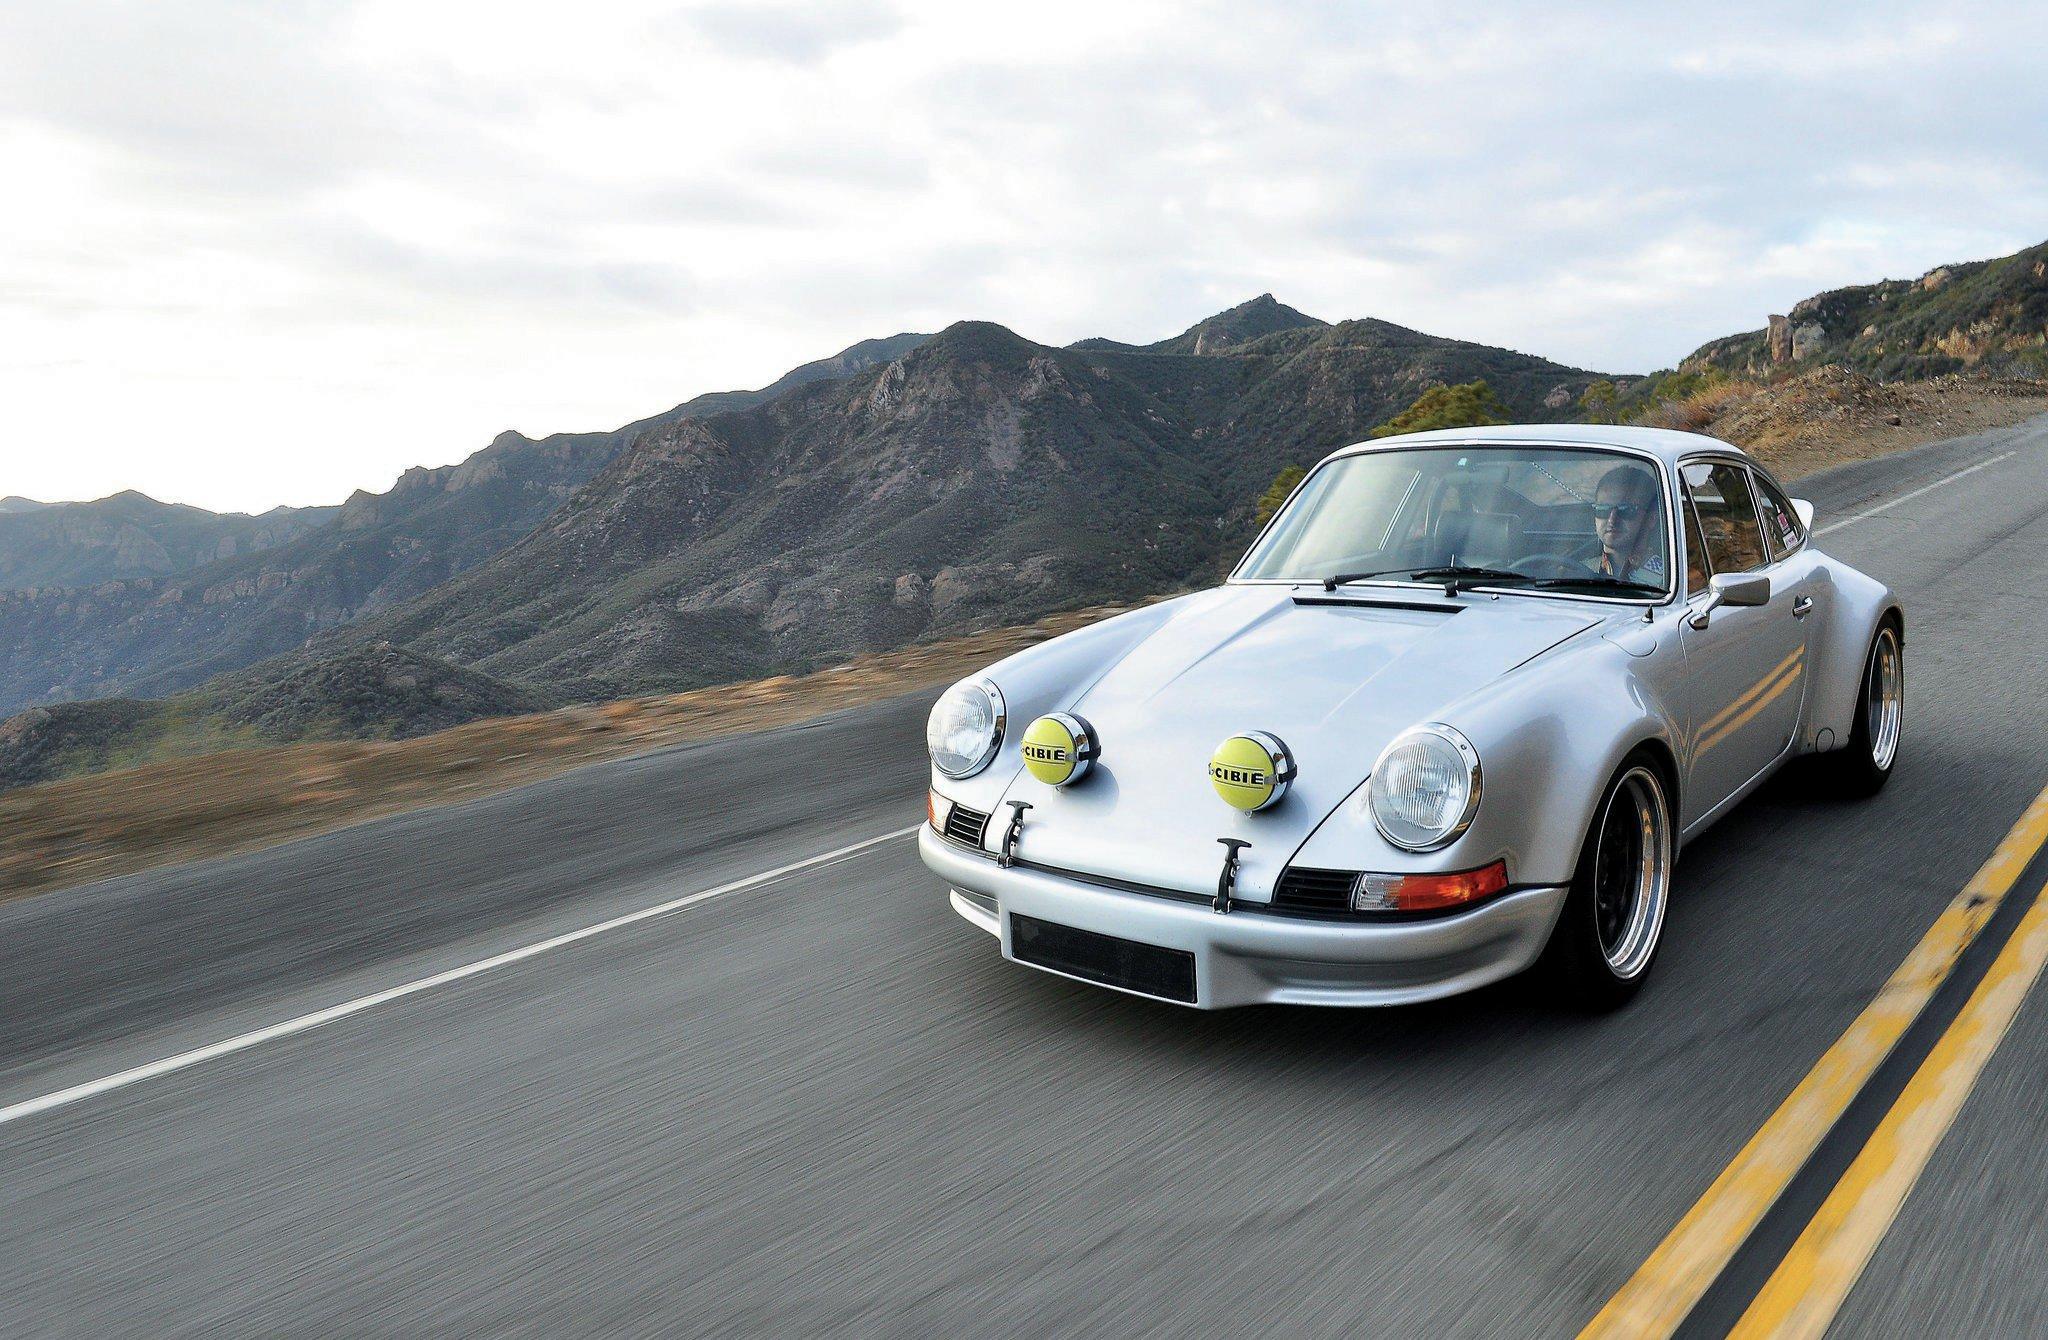 Acura Santa Monica >> Meet the 1969 Porsche 911T Designed for Canyon-Carving